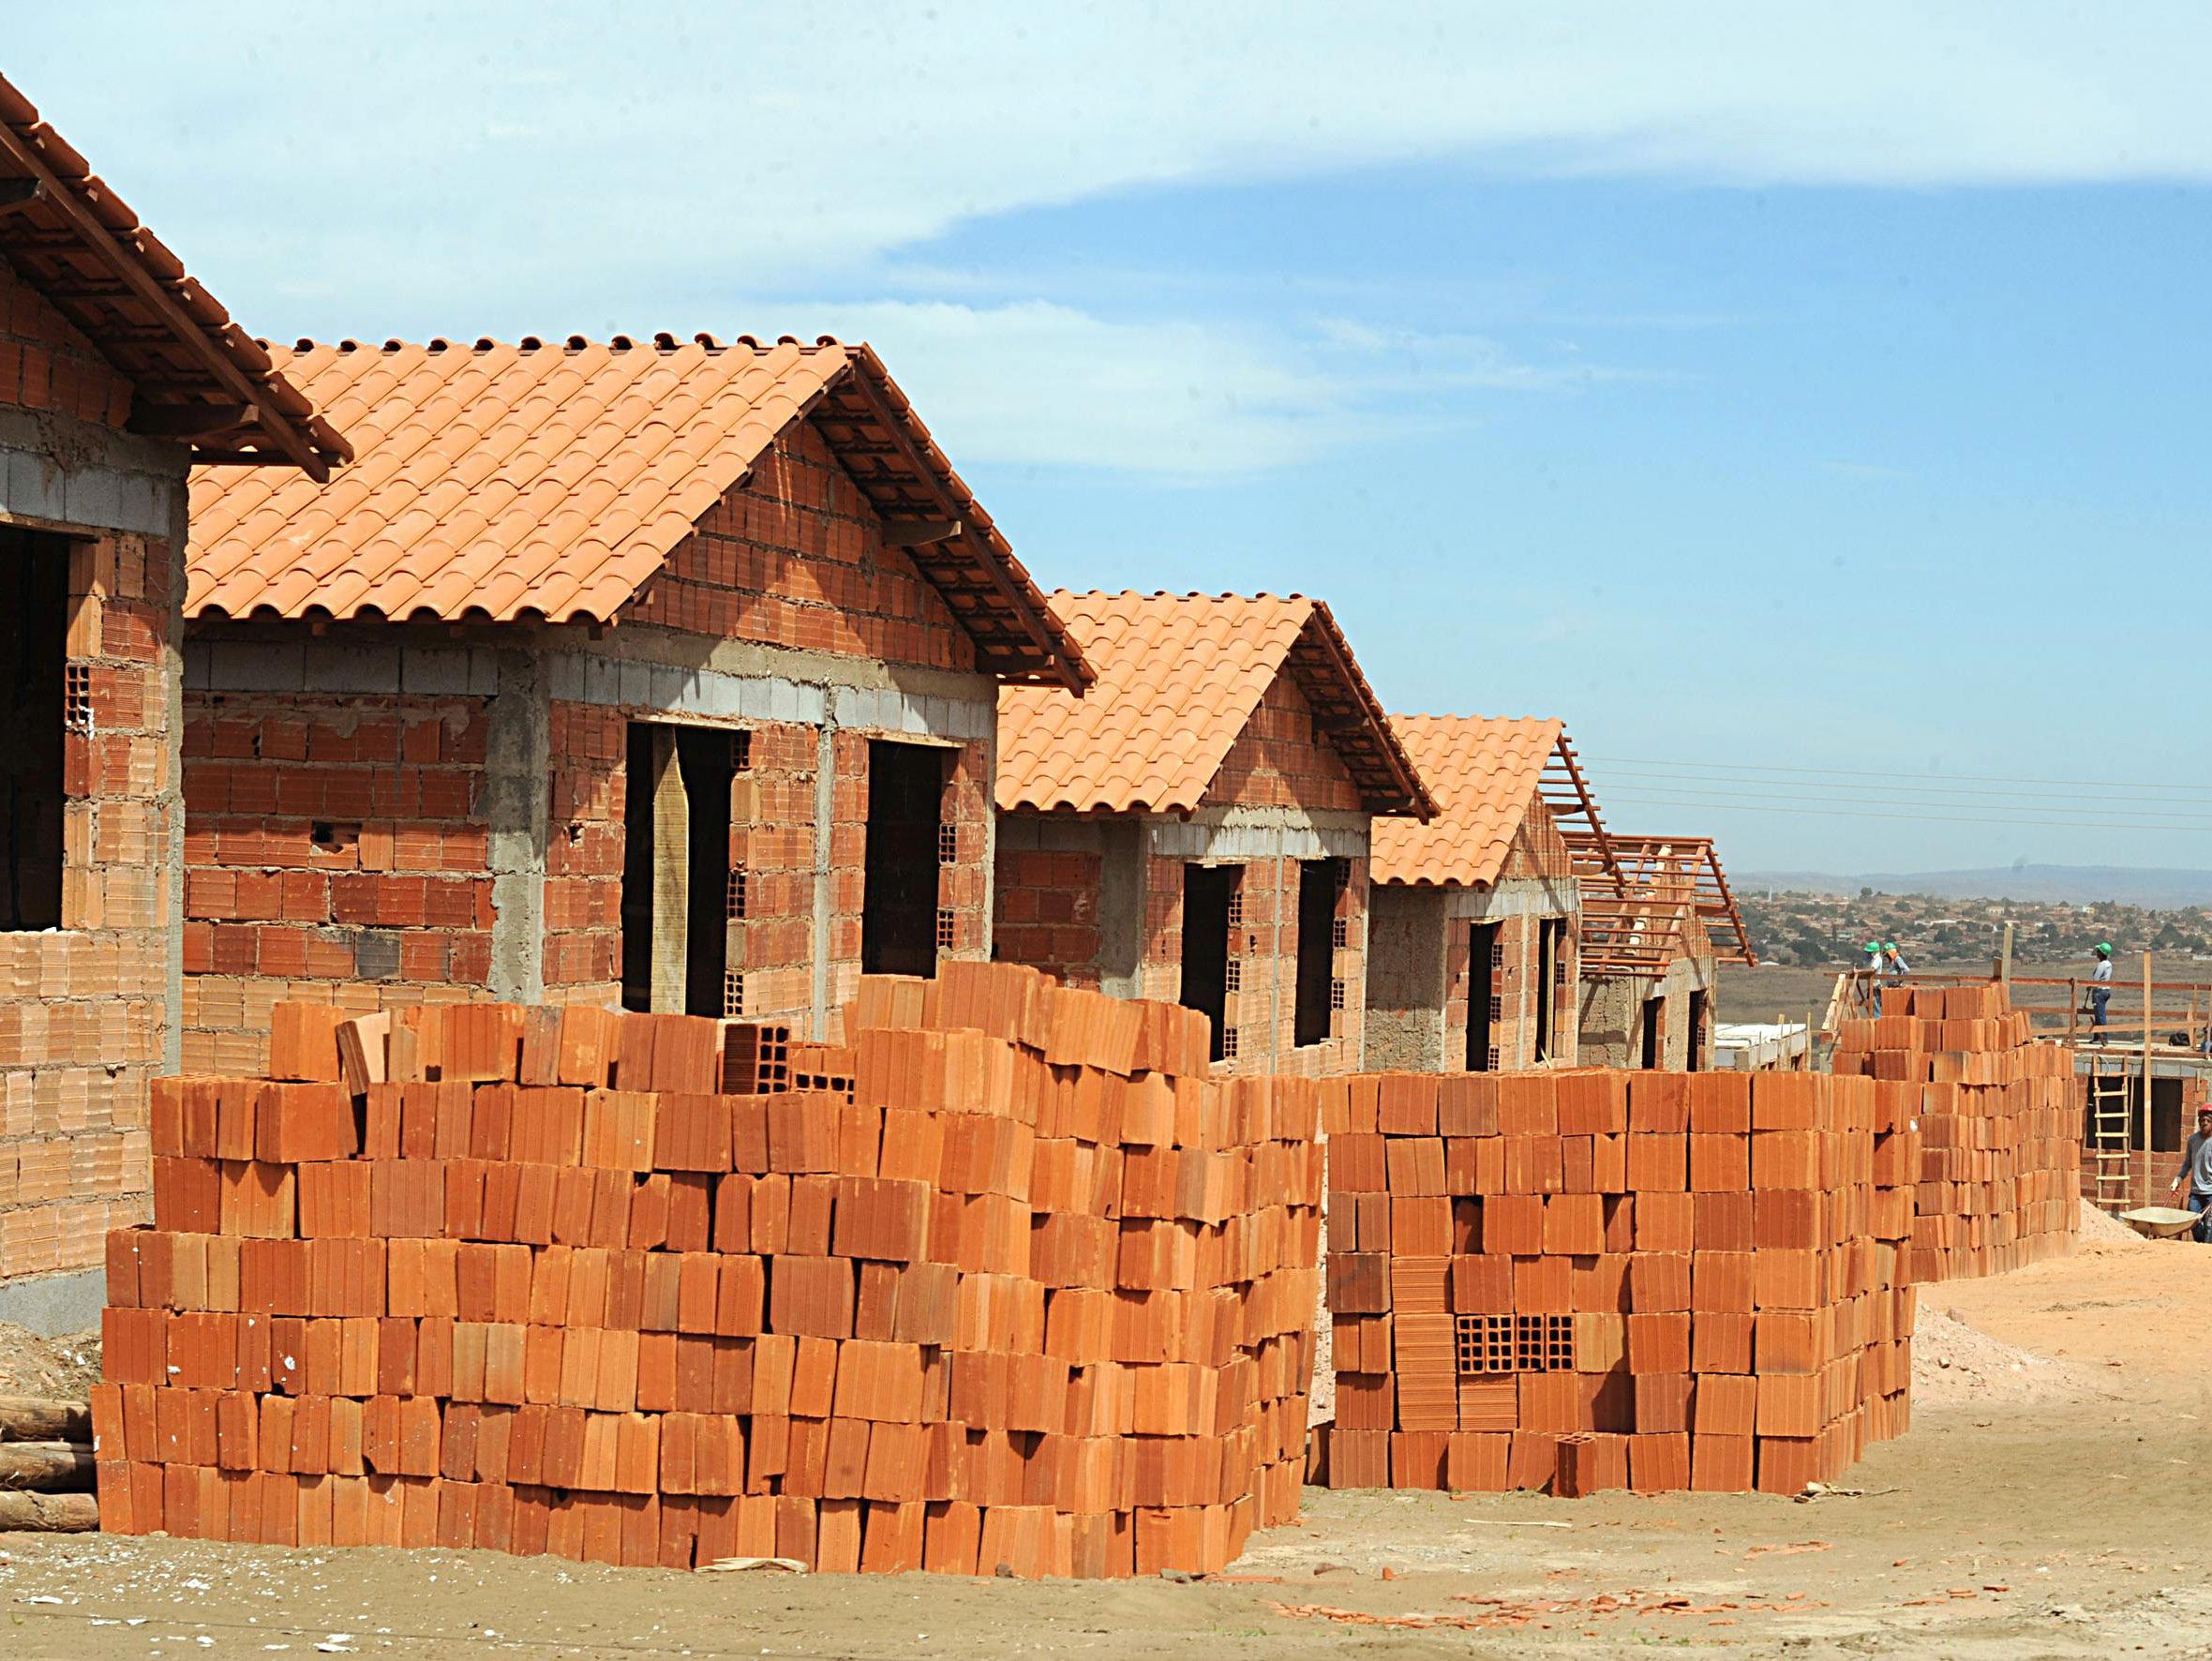 Casas do Minha Casa, Minha Vida: até o governo admite que produção e qualidade precisam ser melhorados.